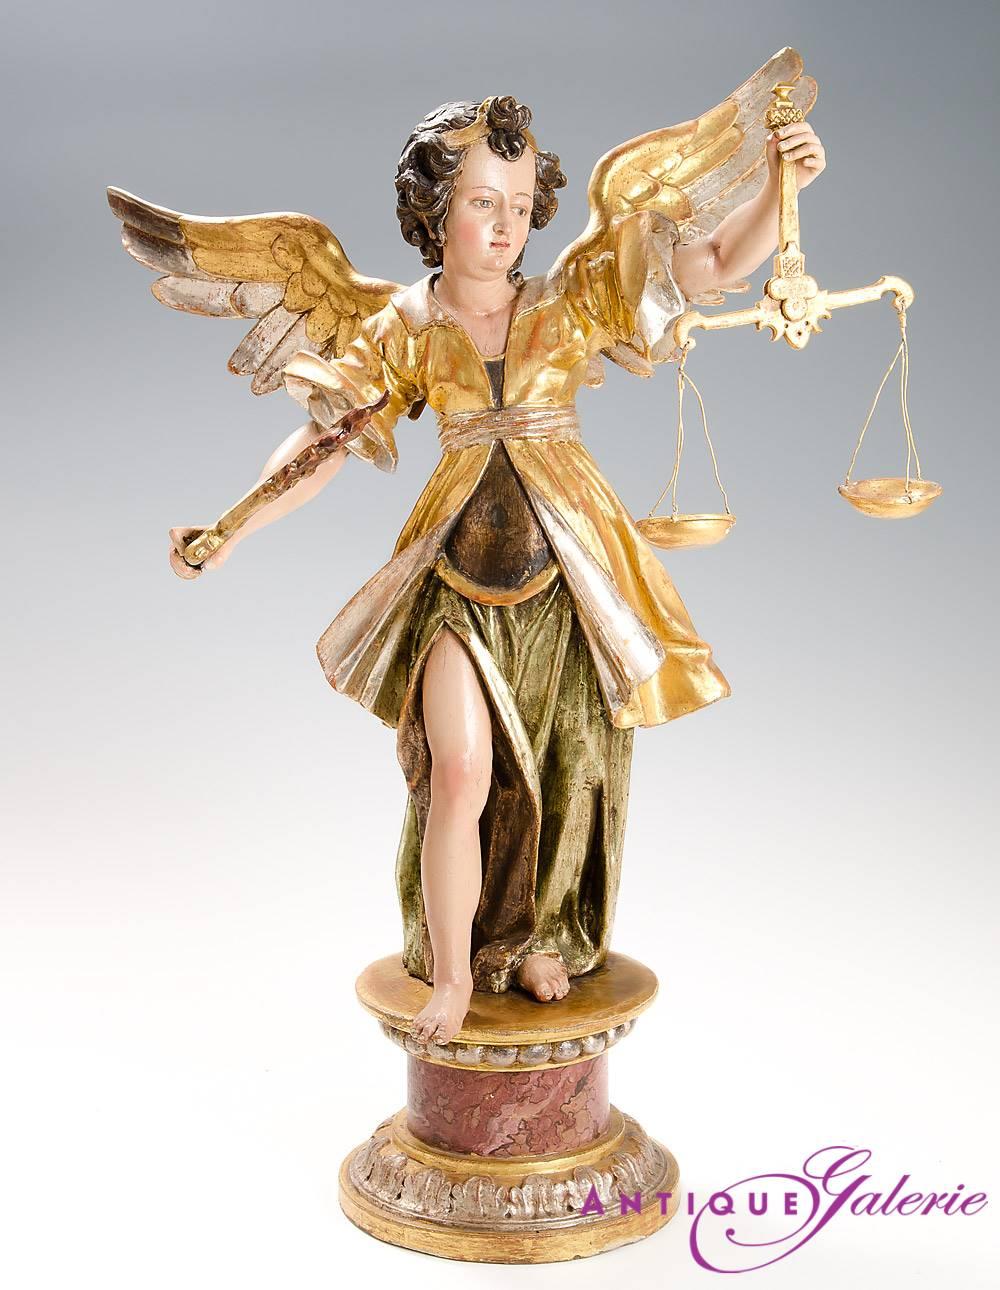 Skulpturen und Statuen aus Bronze, Holz oder Porzellan ...